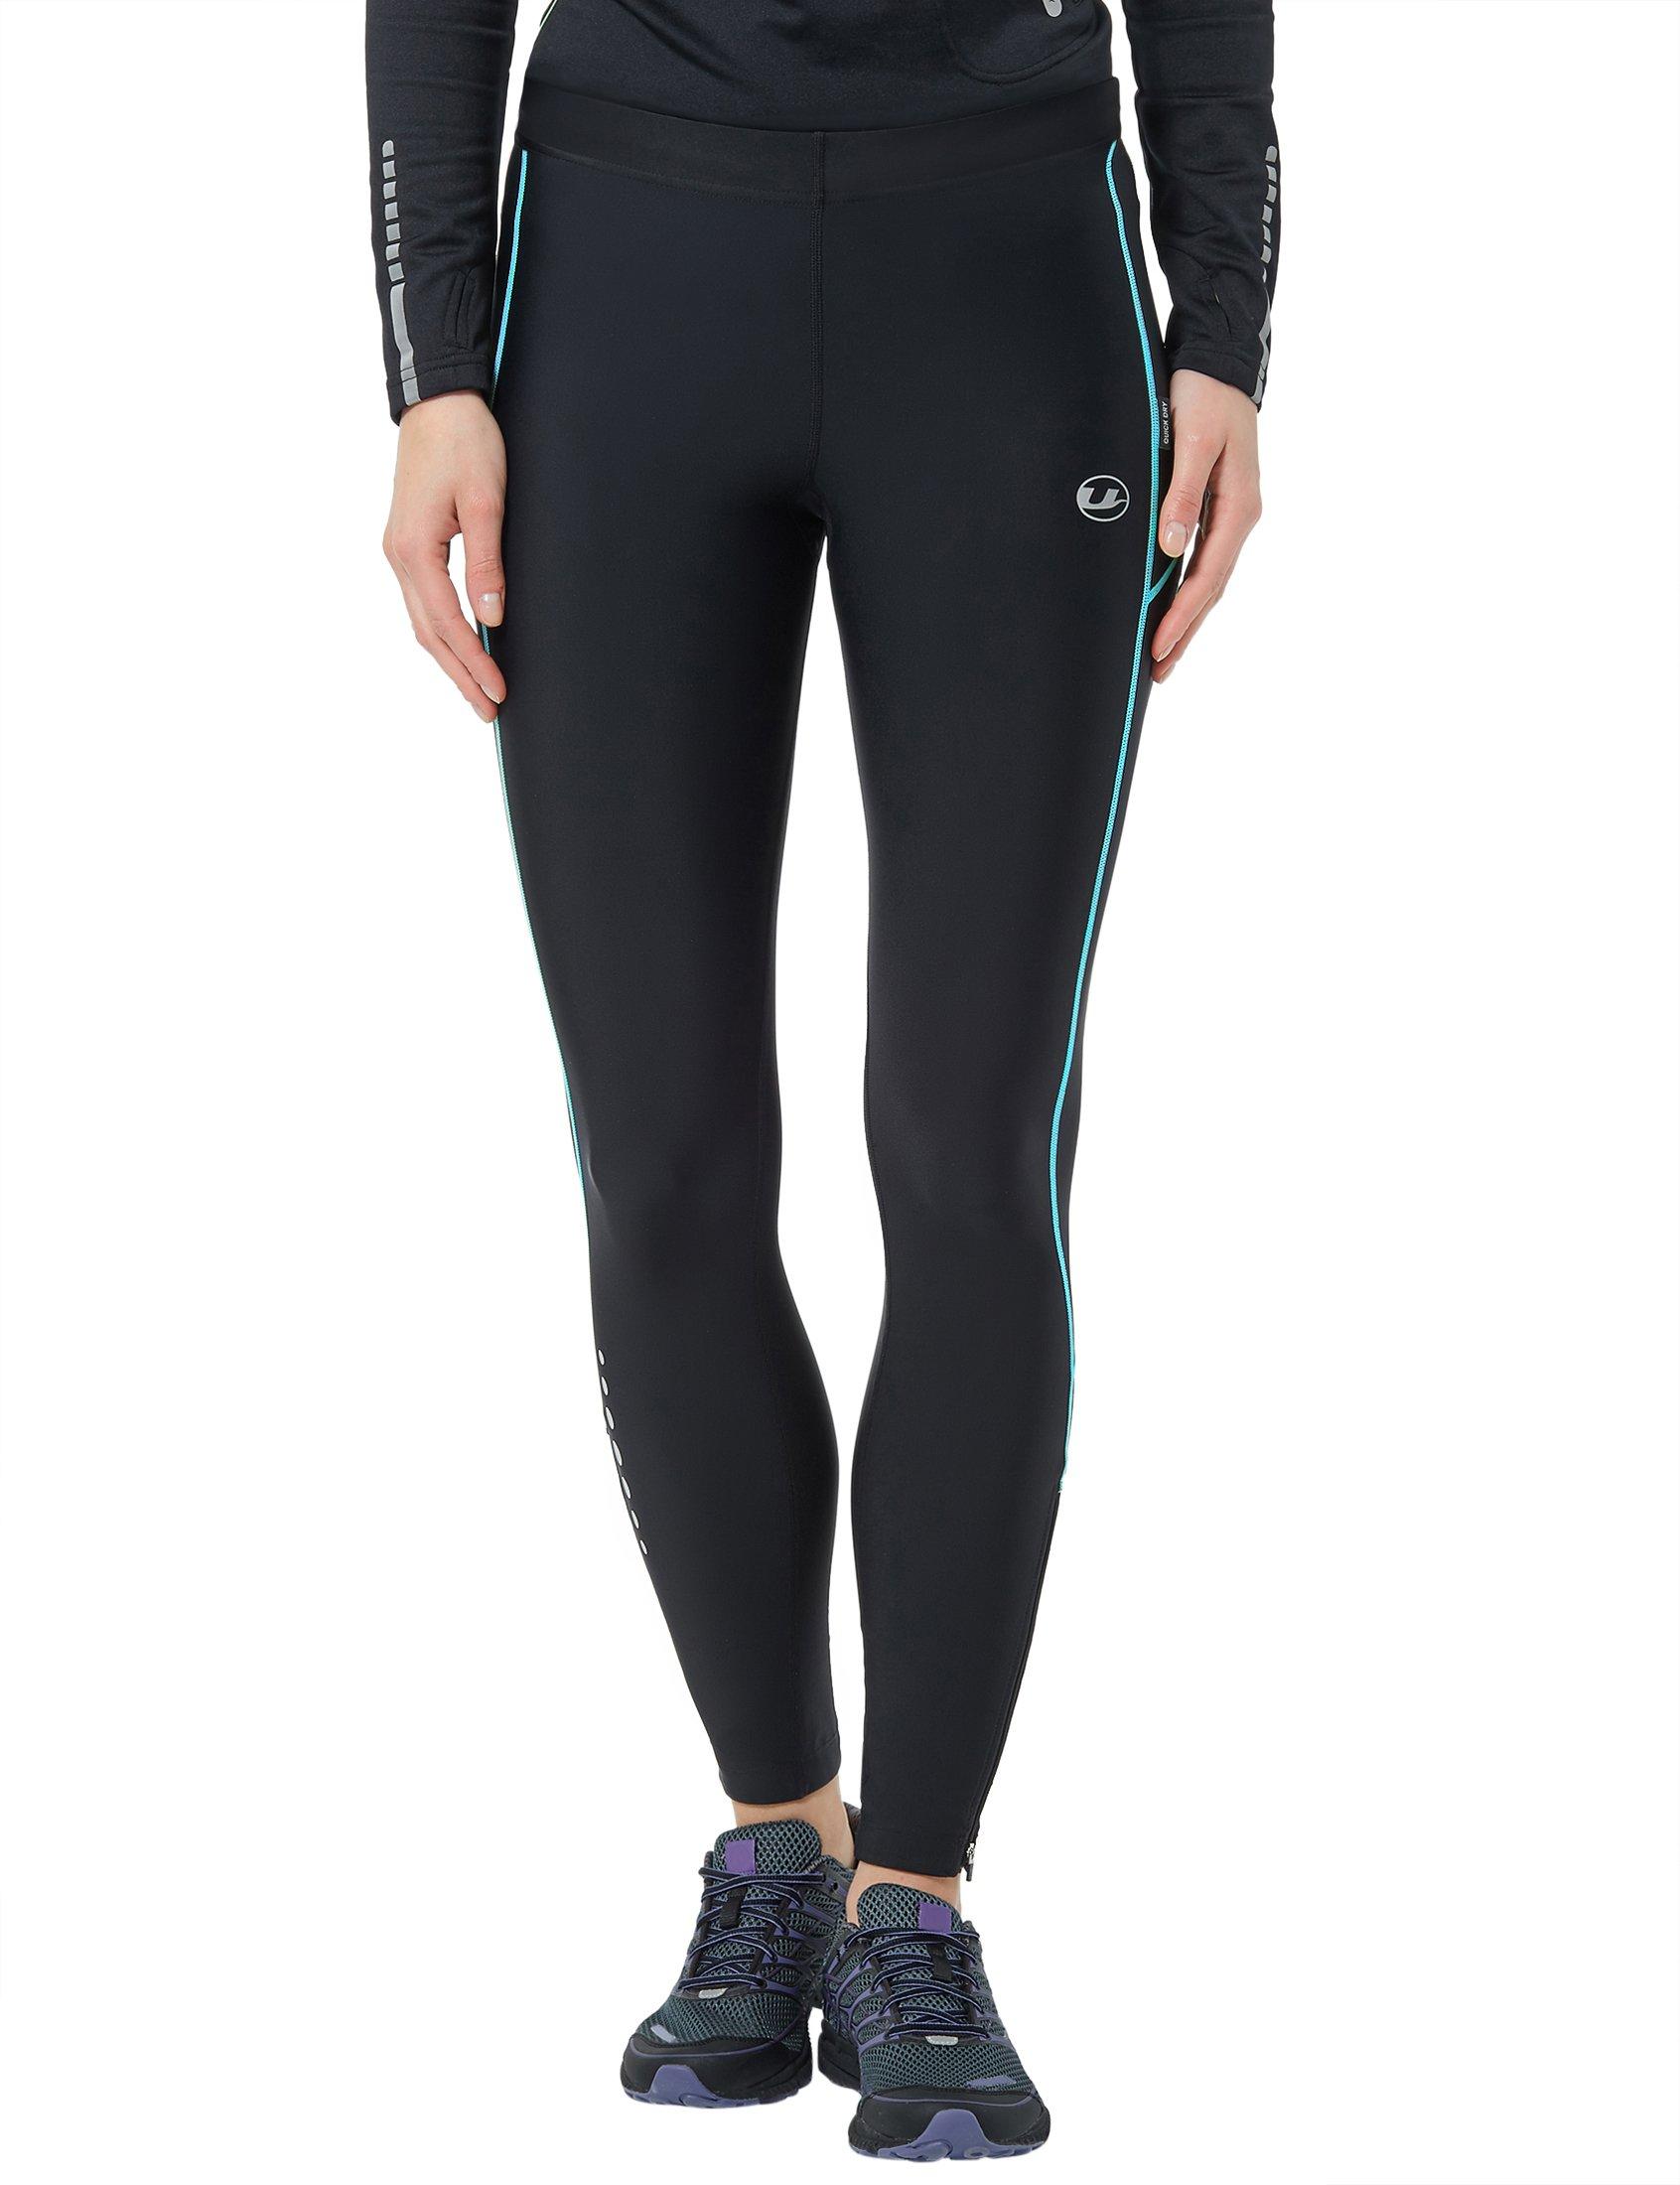 Ultrasport Pantalones largos de correr para mujer, con efecto de compresión y función de secado